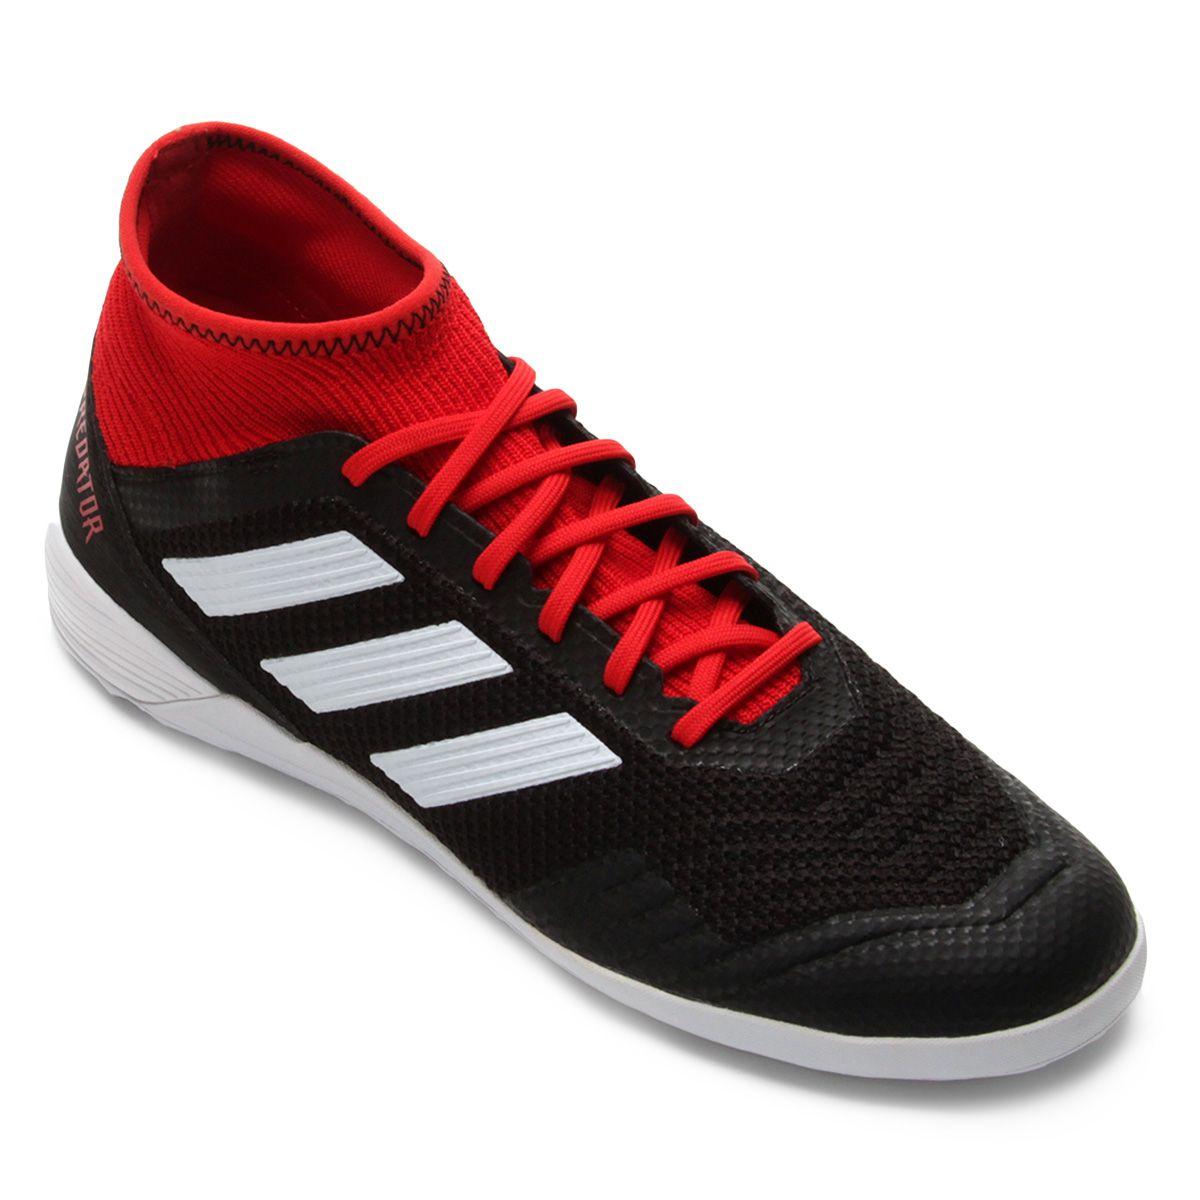 Chuteira Futsal Adidas Predator Tango 18.3 In